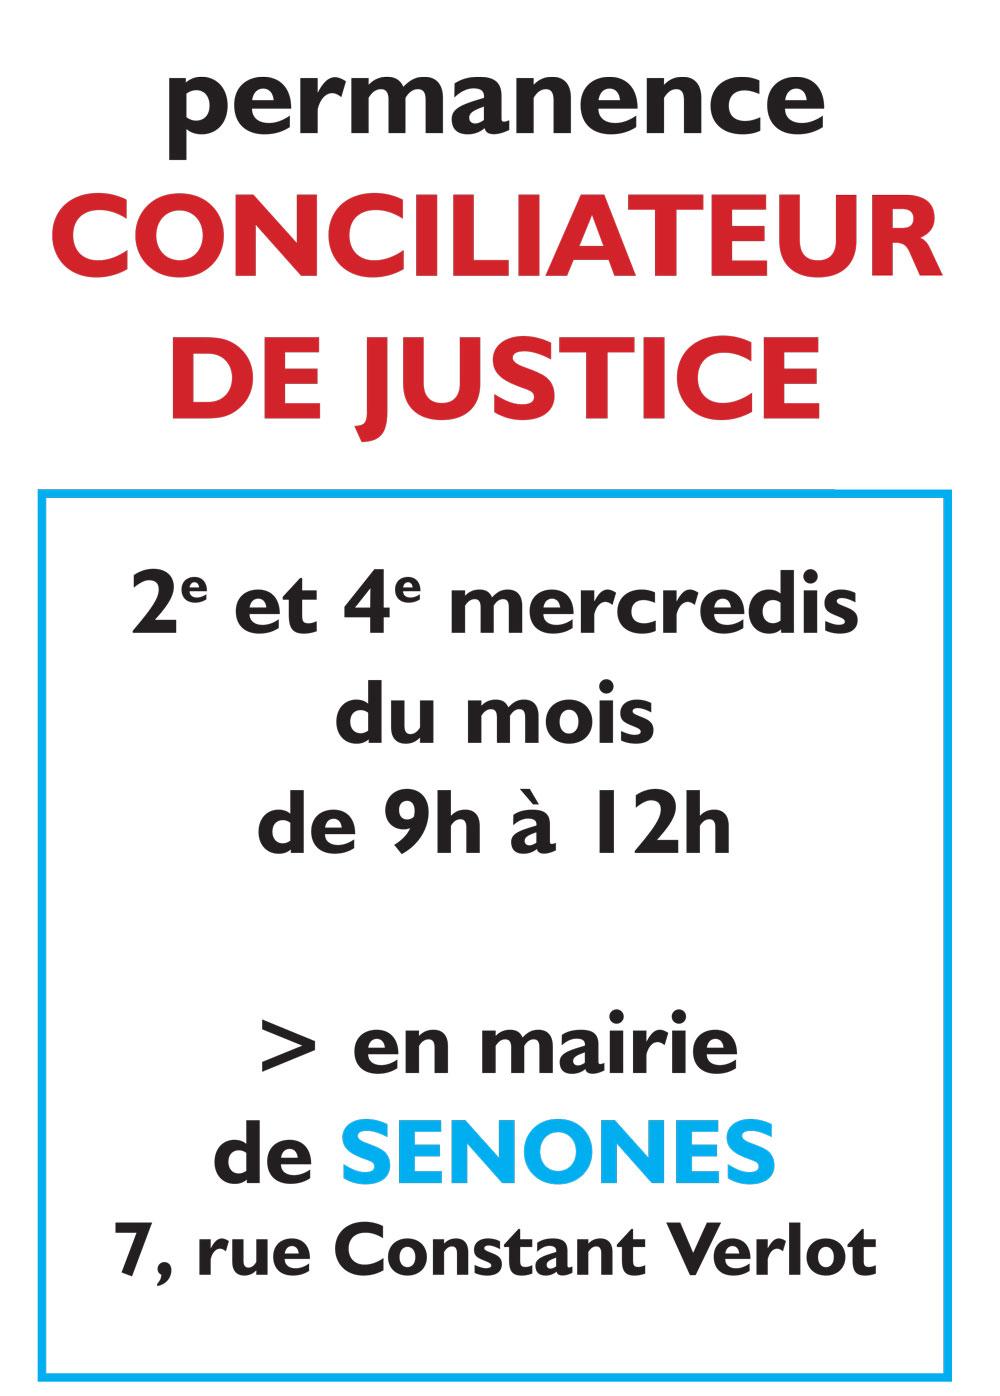 permanences-conciliateur-de-justice-à-Senones